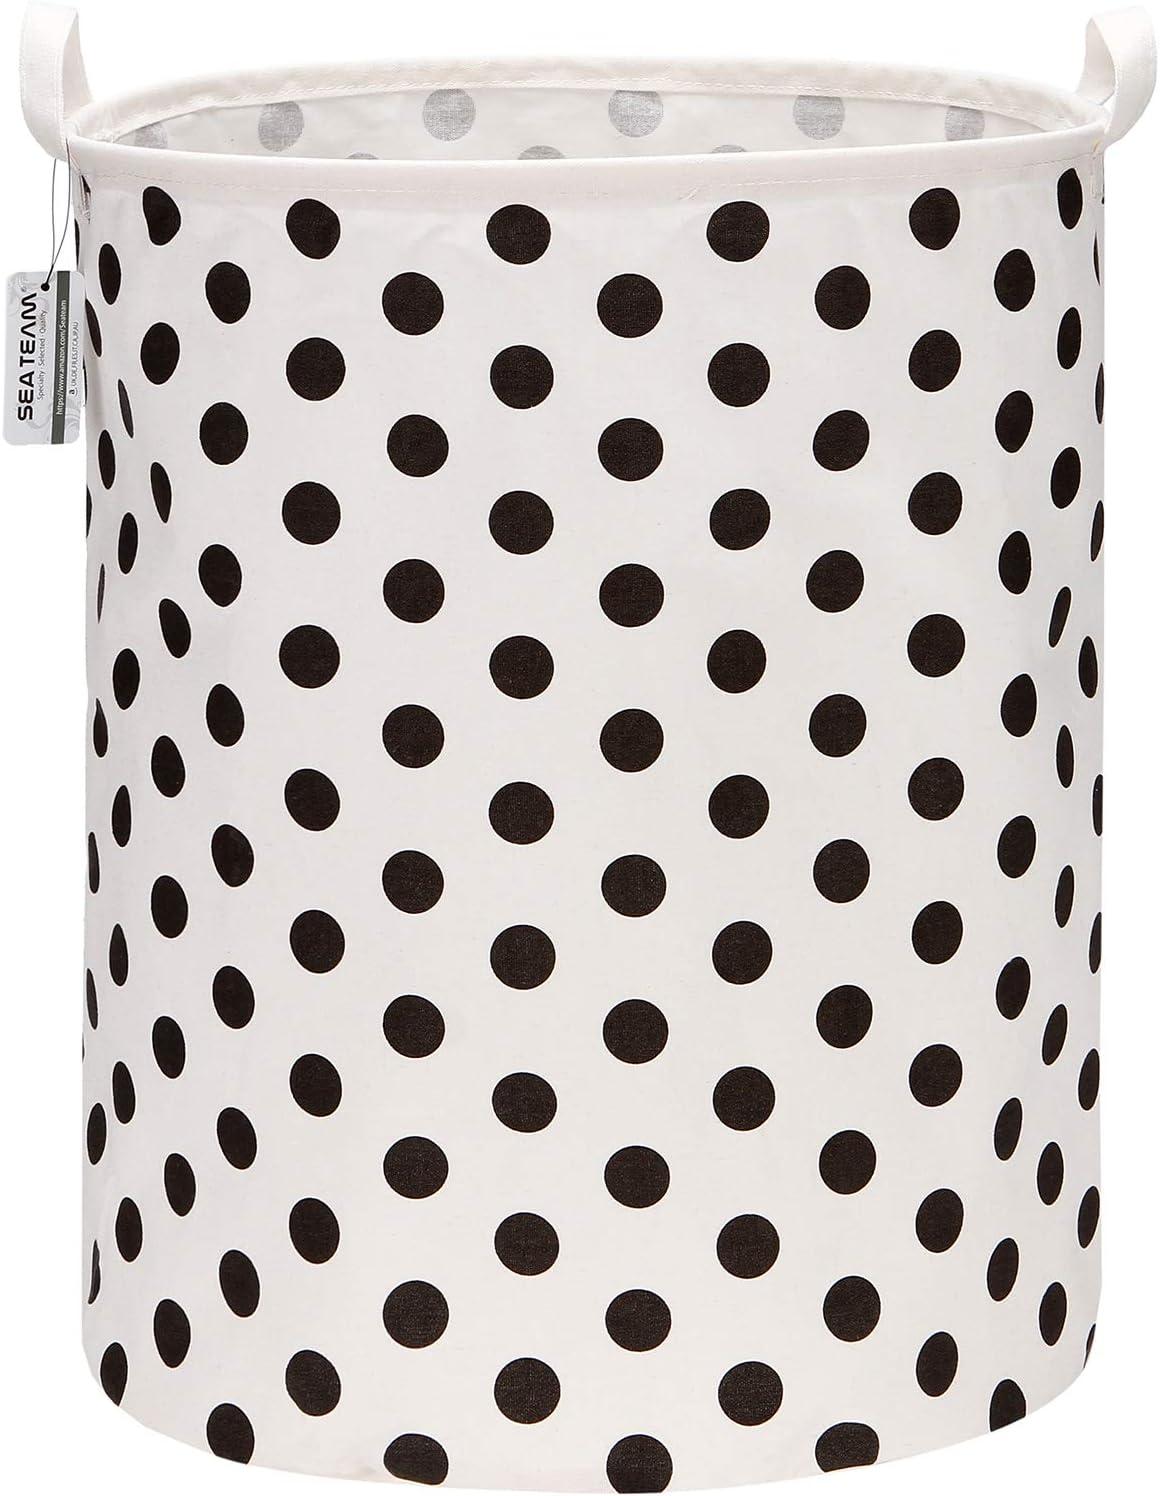 """Sea Team 19.7 Inches Large Sized Waterproof Coating Ramie Cotton Fabric Folding Laundry Hamper Bucket Cylindric Burlap Canvas Storage Basket with Stylish Polka Dot Design (19.7"""", Black)"""